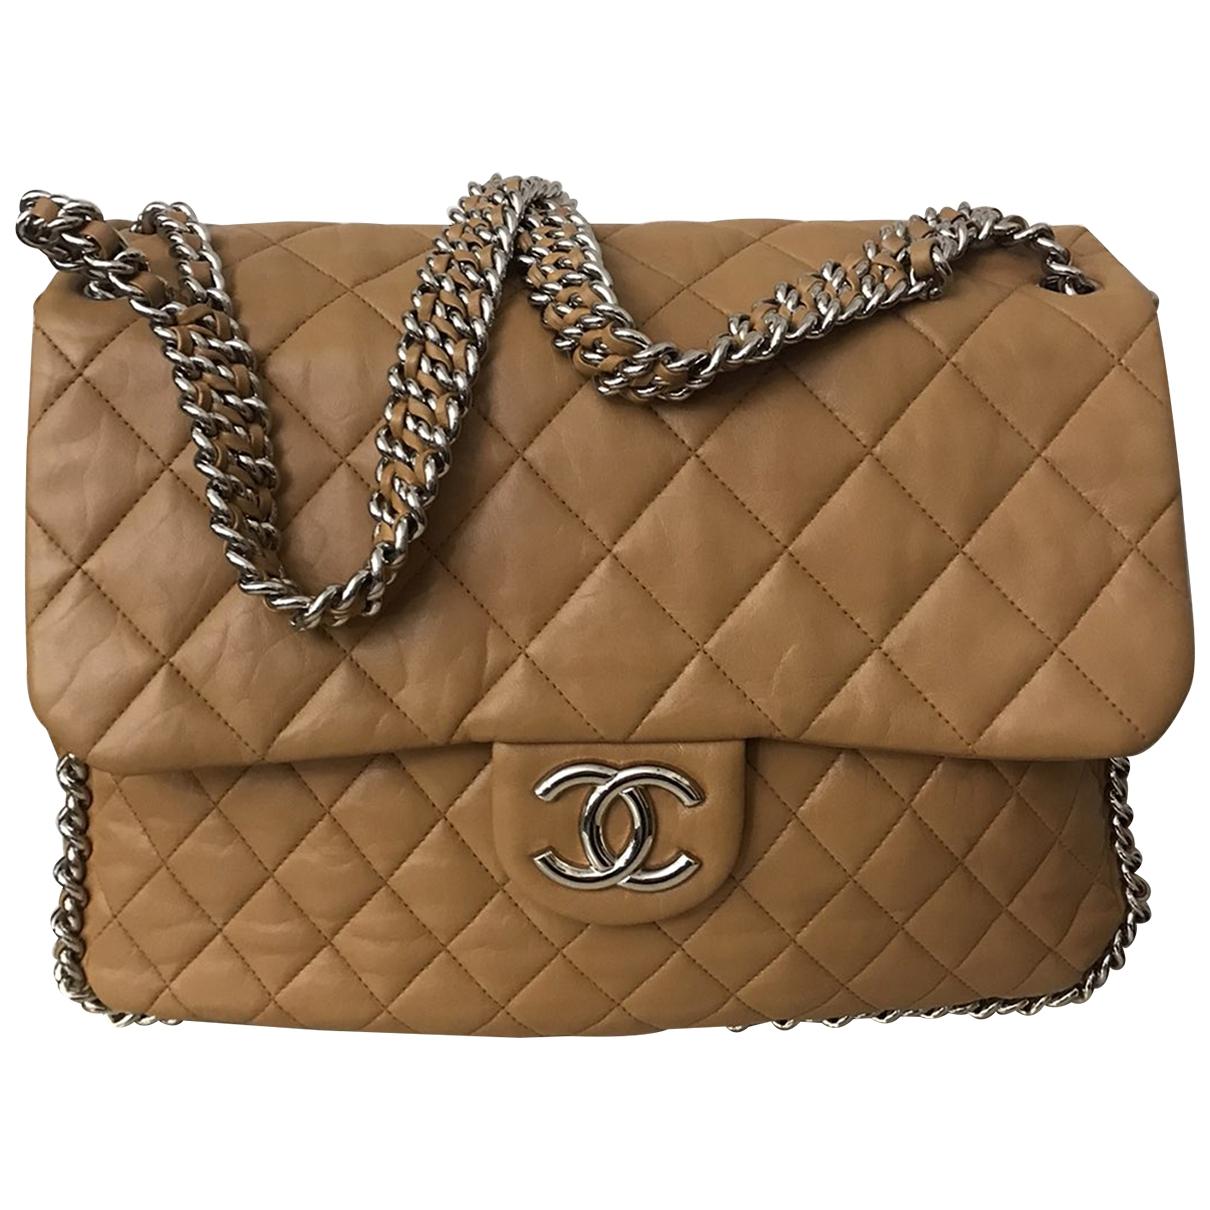 Chanel - Sac a main Chain Around pour femme en cuir - camel